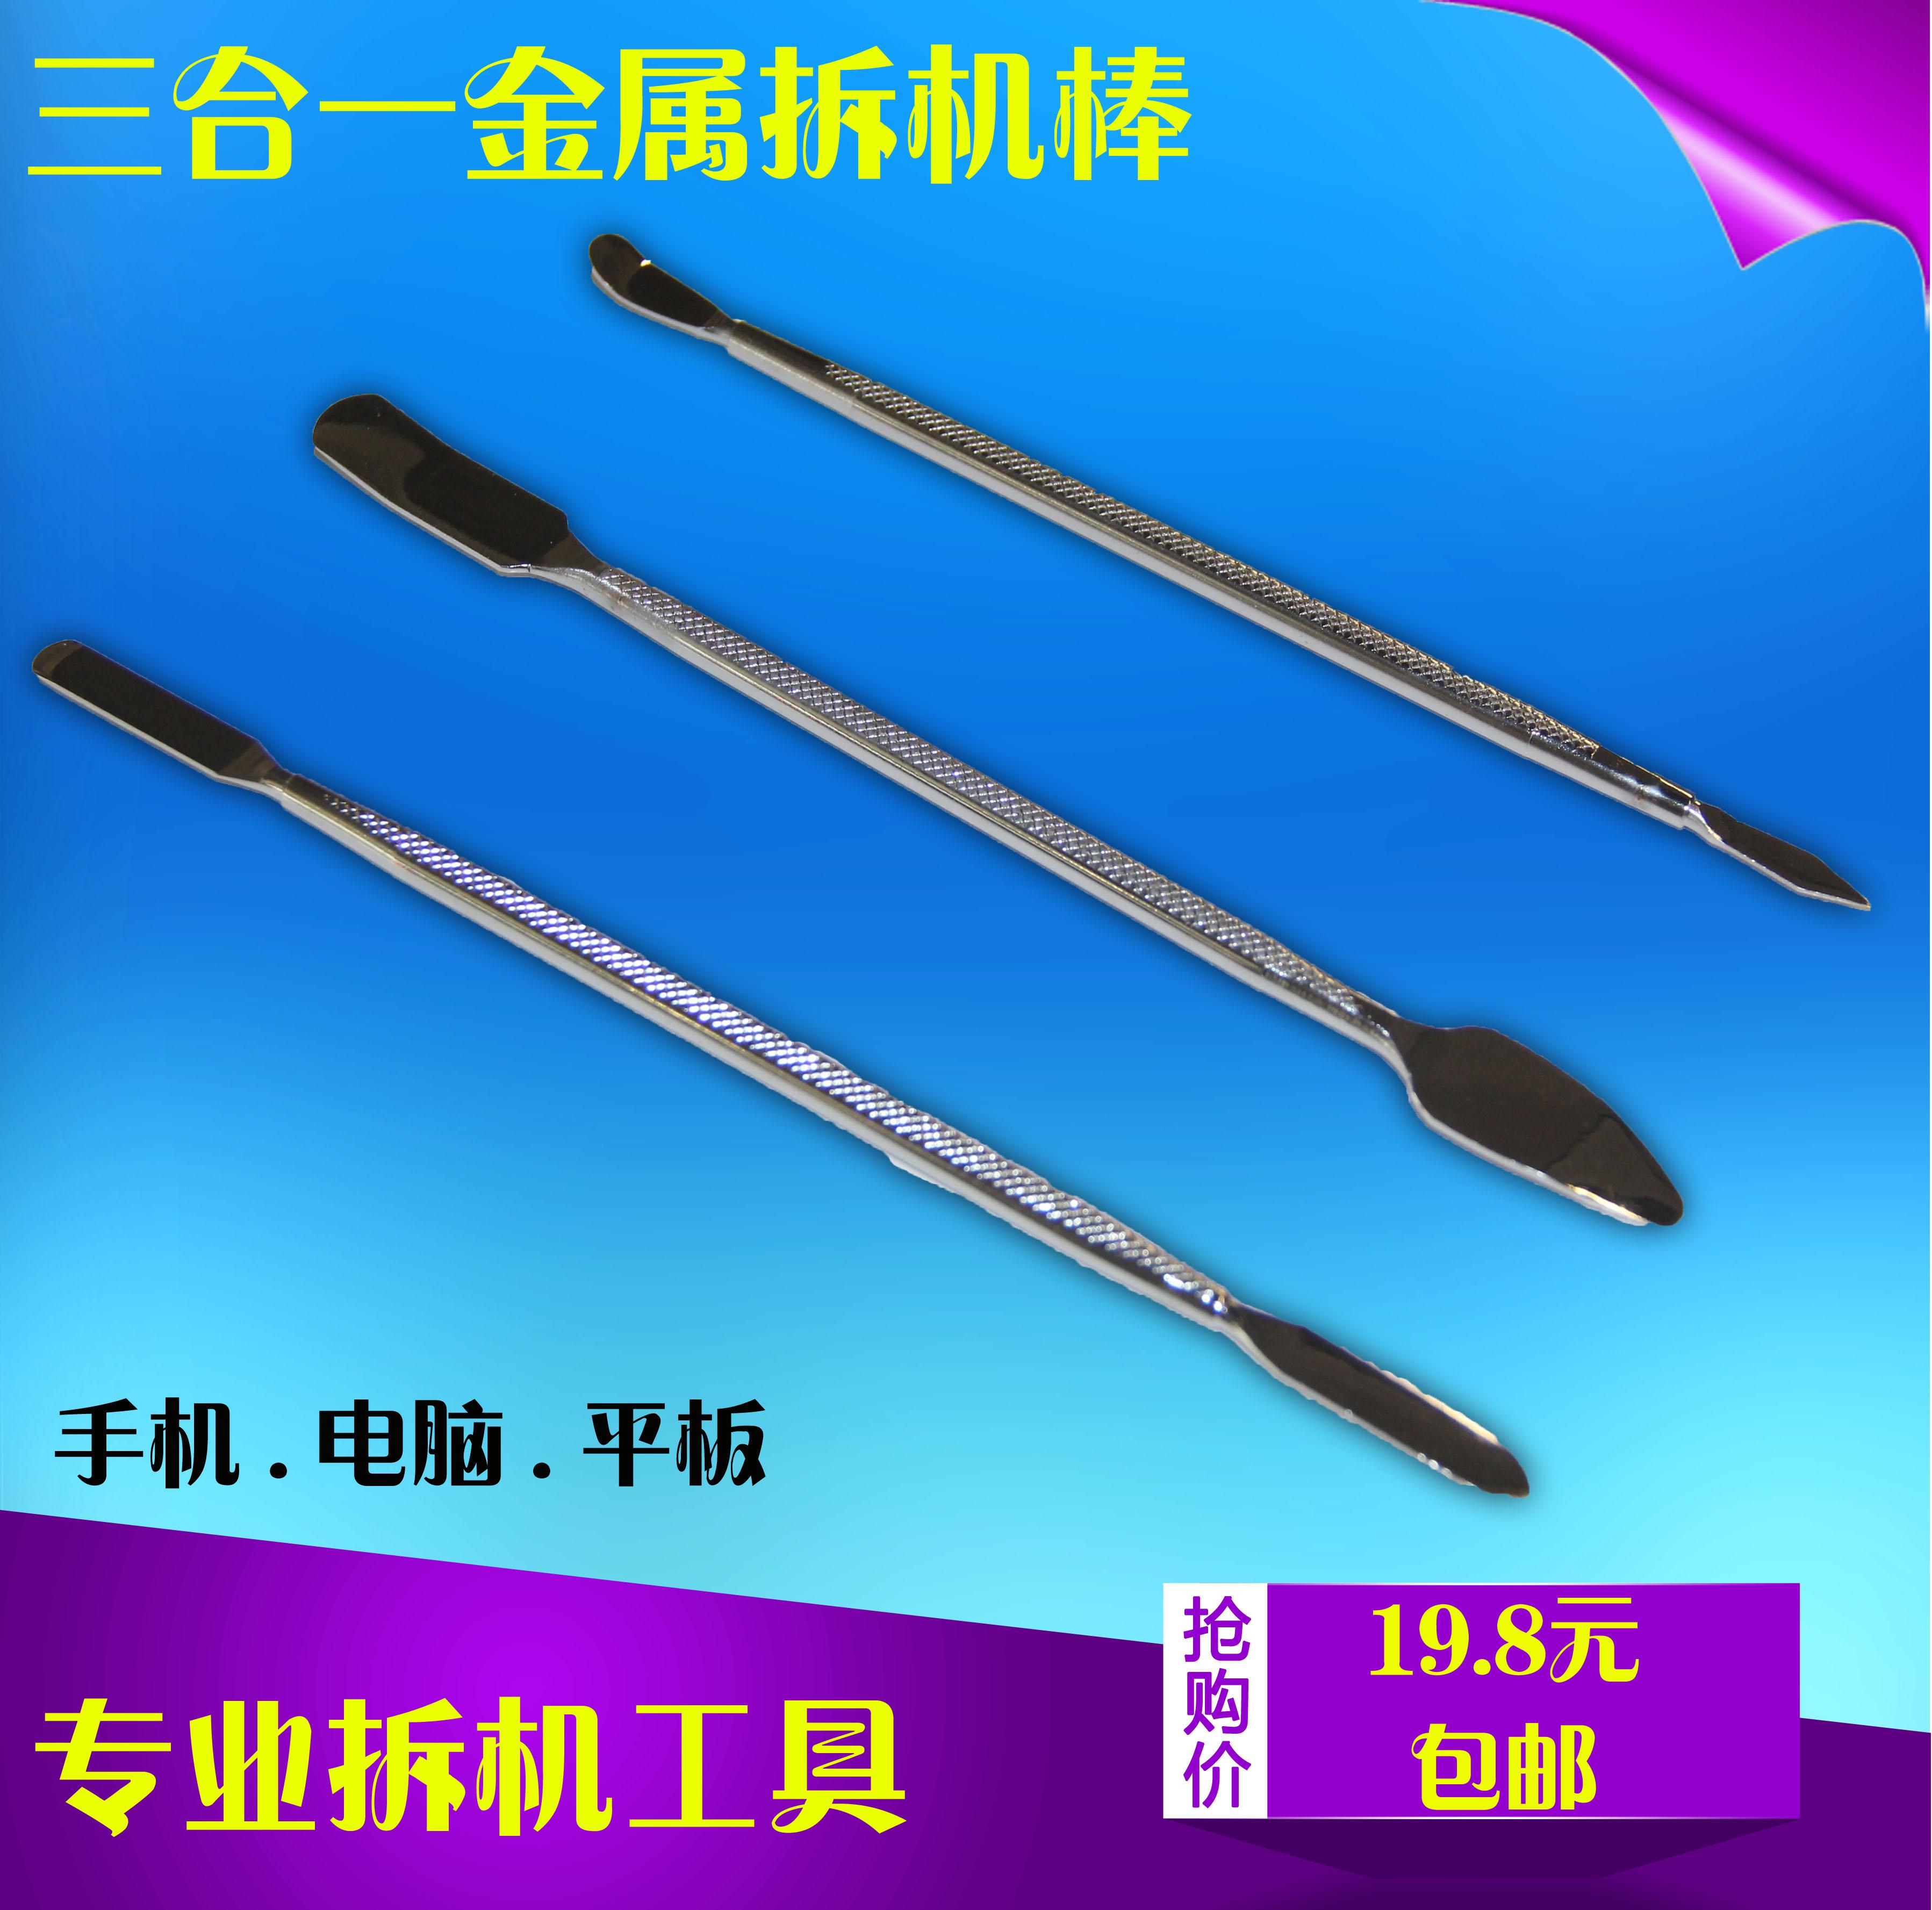 цены Лом Teardown tools